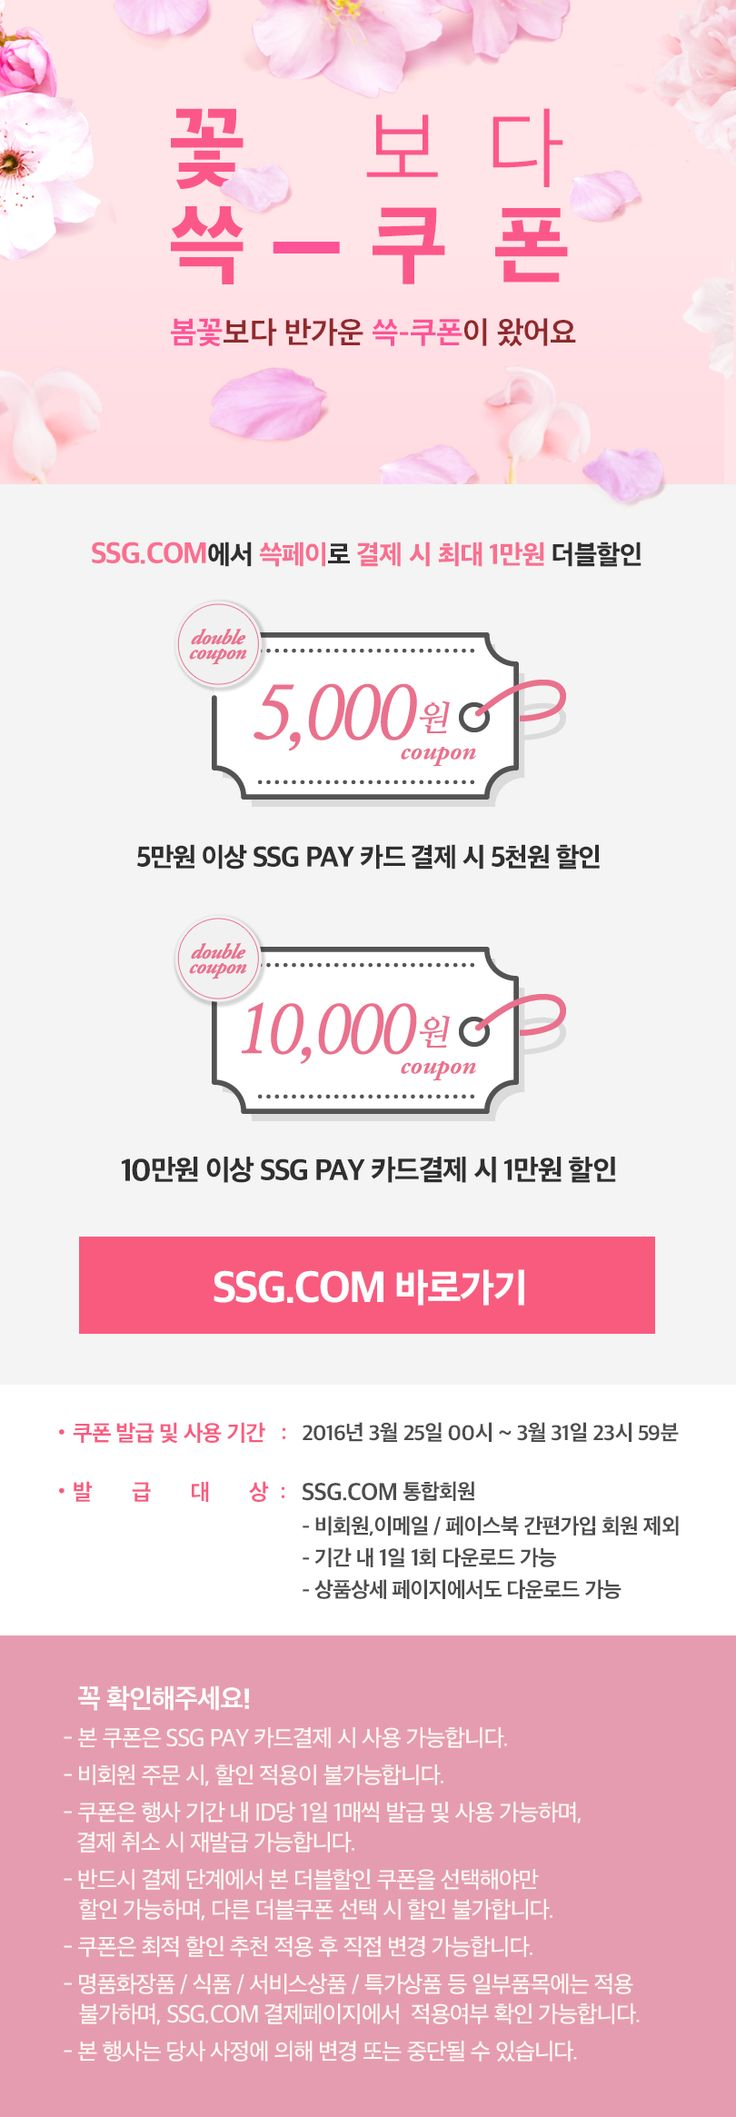 SSG.COM_coupon_web_145880959041117.png (810×2330)